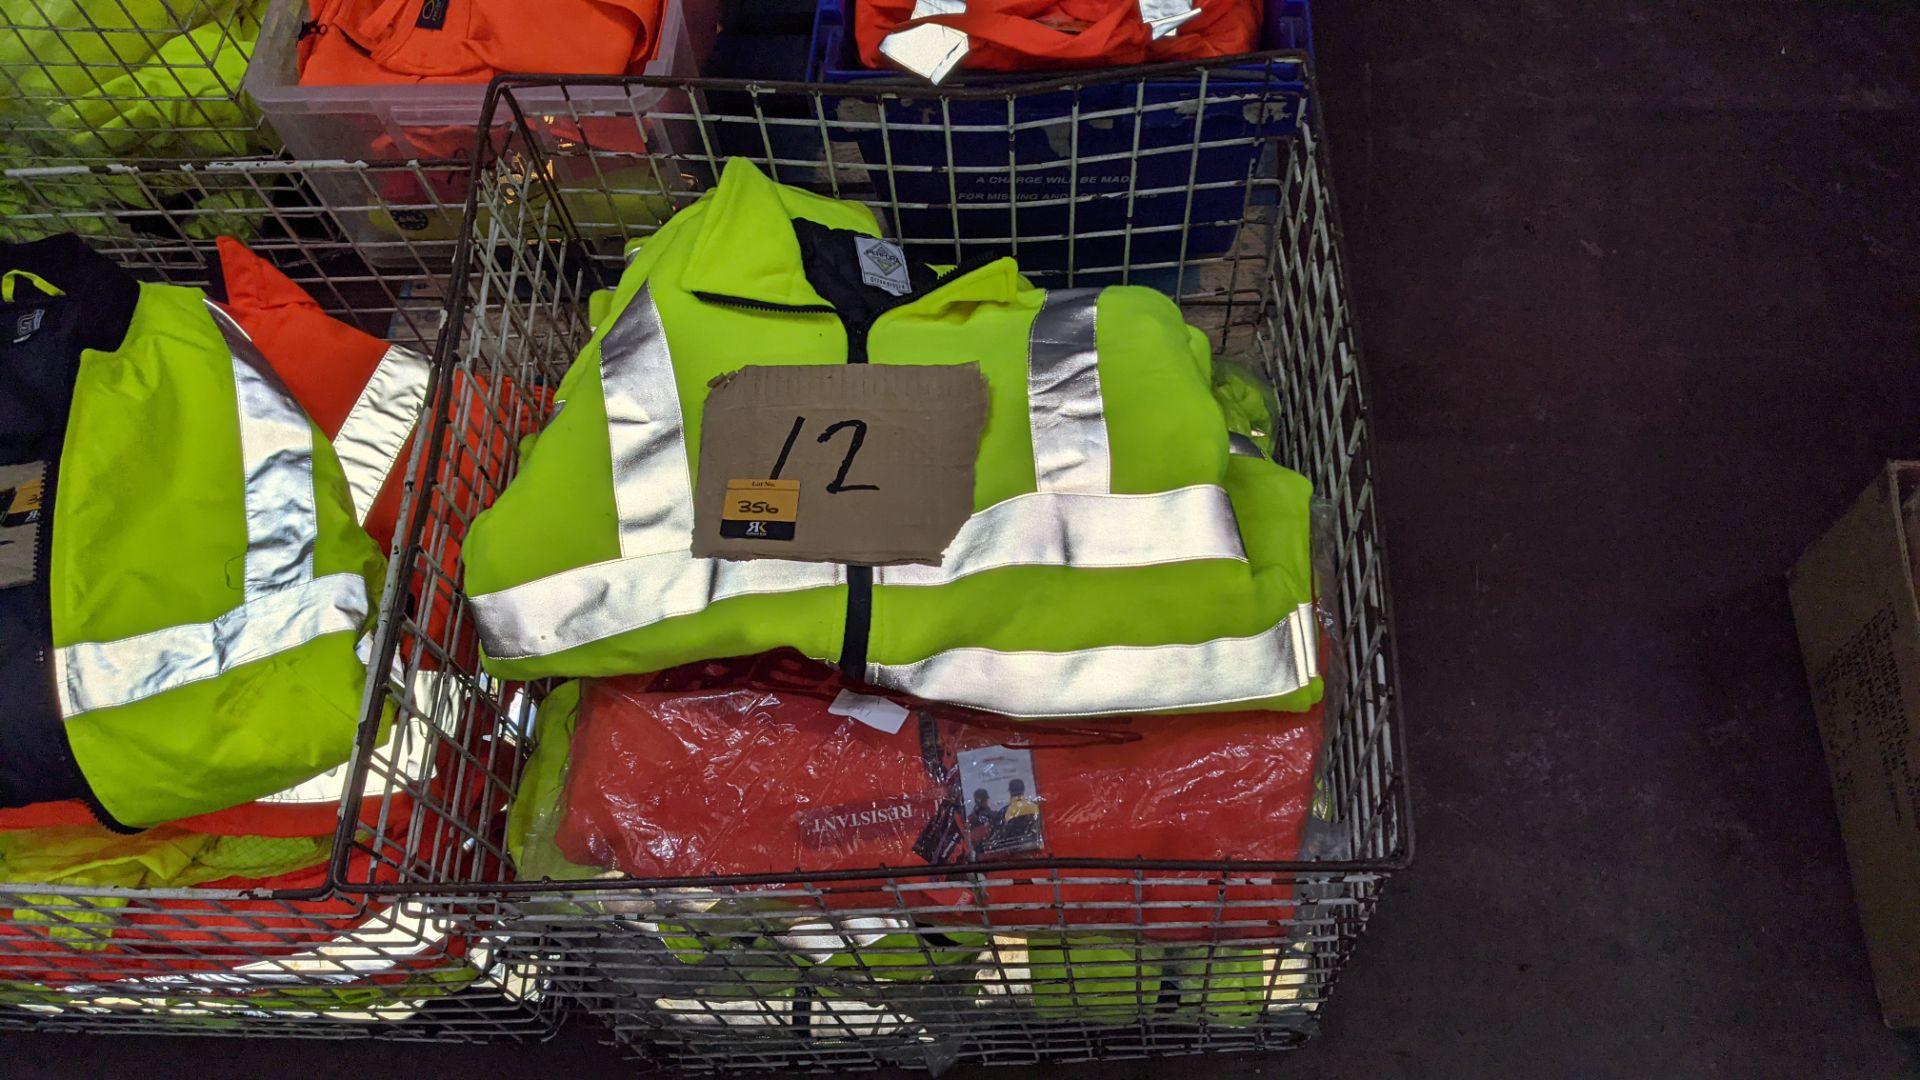 12 off assorted hi-vis jackets - Image 4 of 5